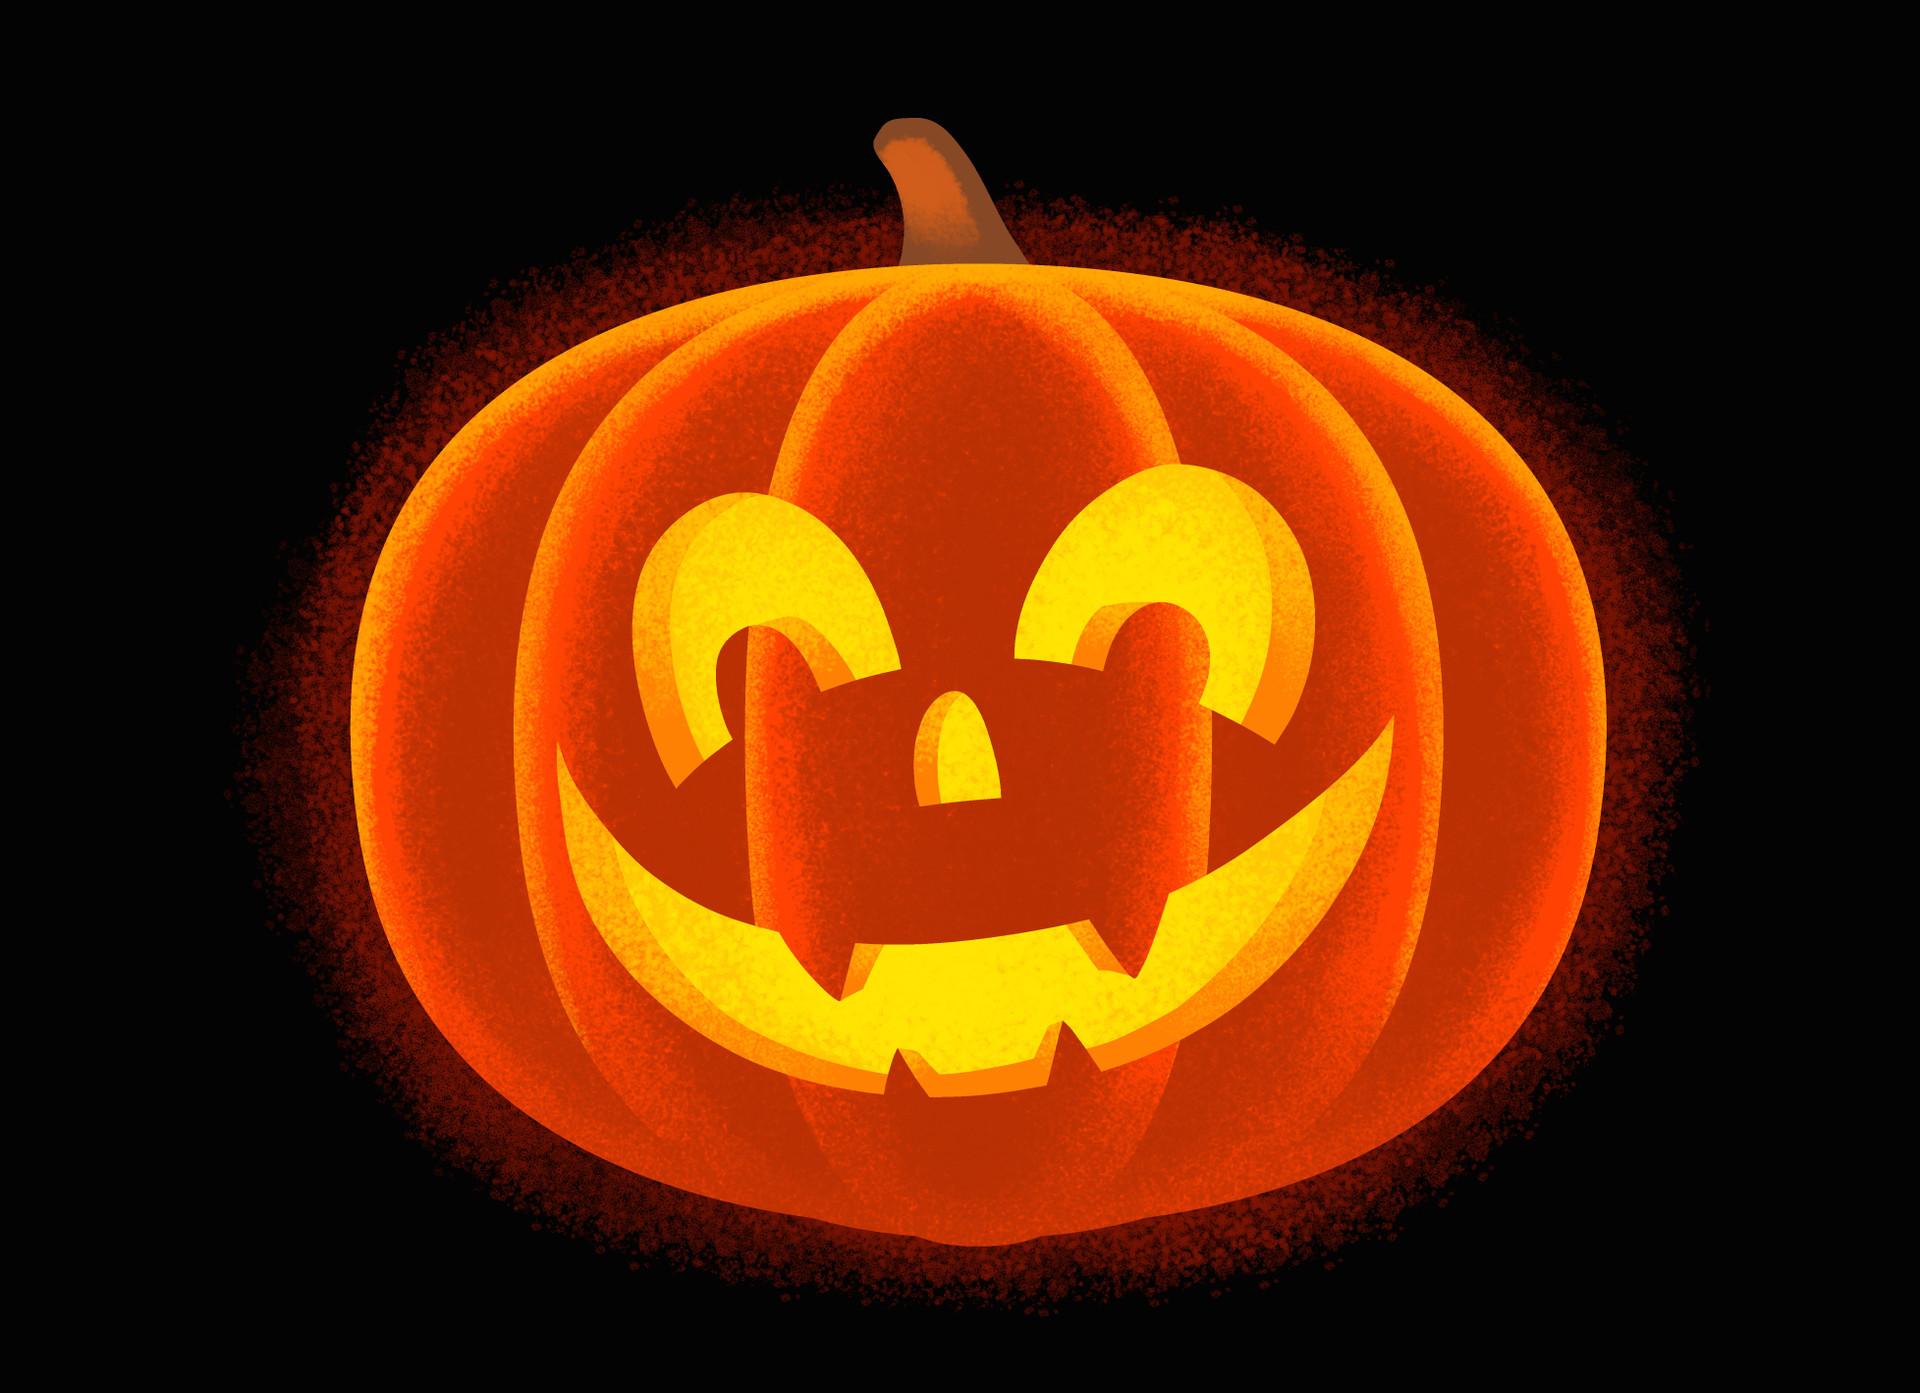 Tom martin halloween 3 pumpkin 3